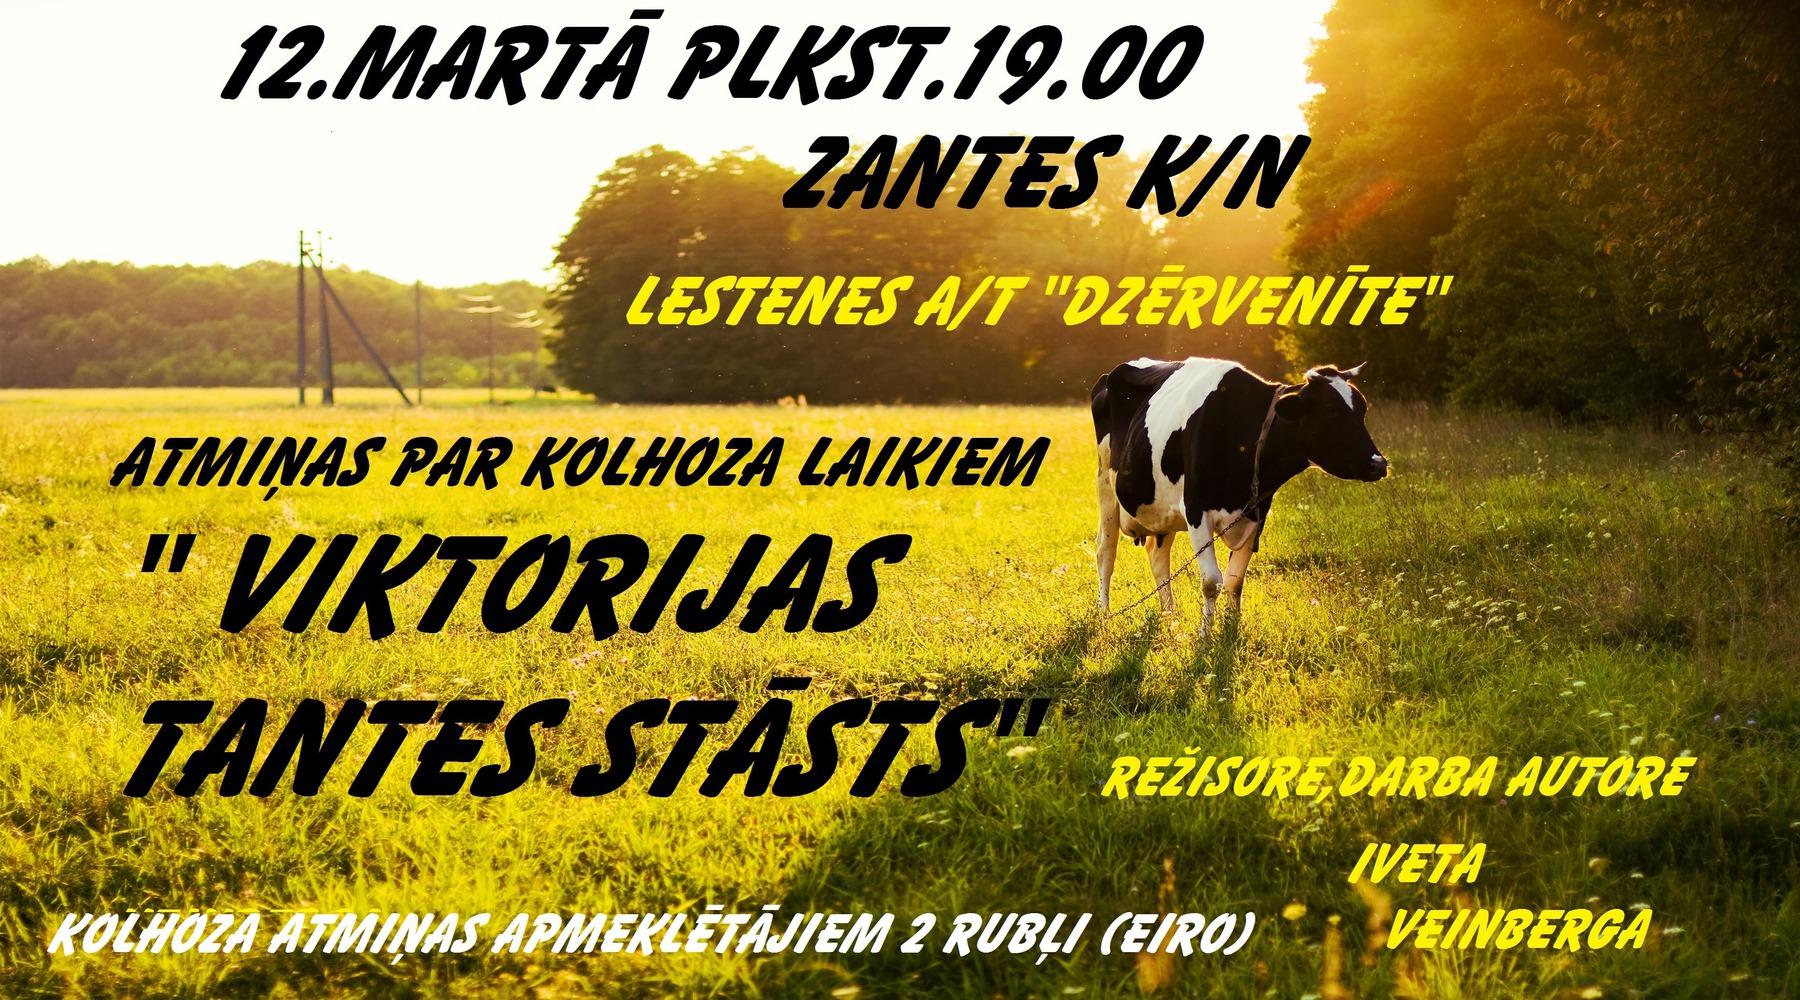 viktorijas_tantes_stasts_2.jpg